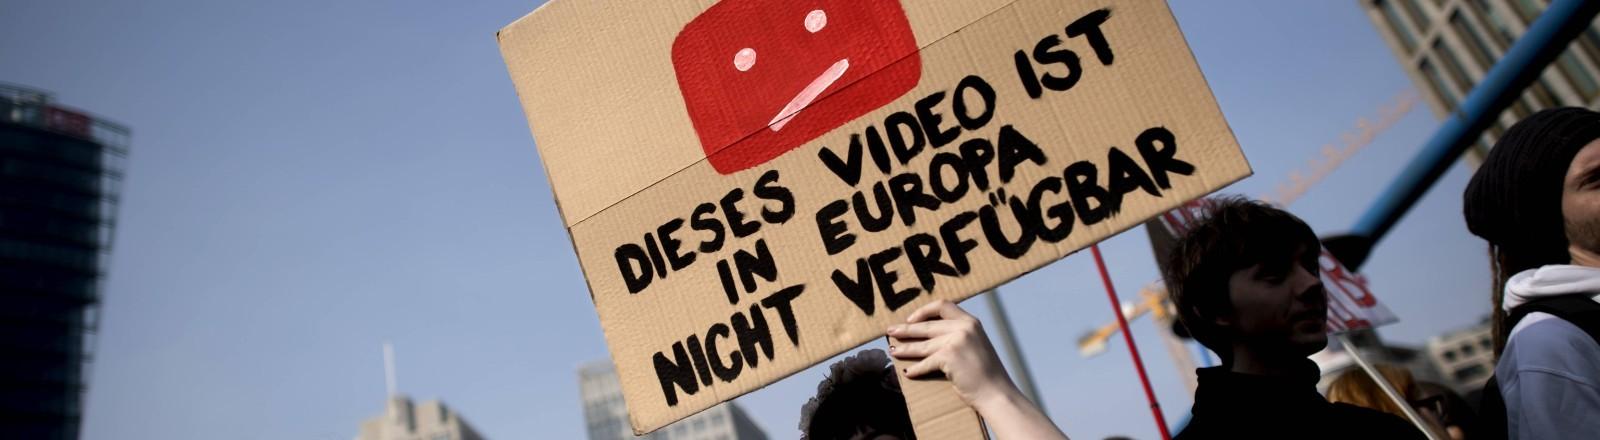 Demo am 23.03.2019 in Berlin zur Urheberrechtsreform.